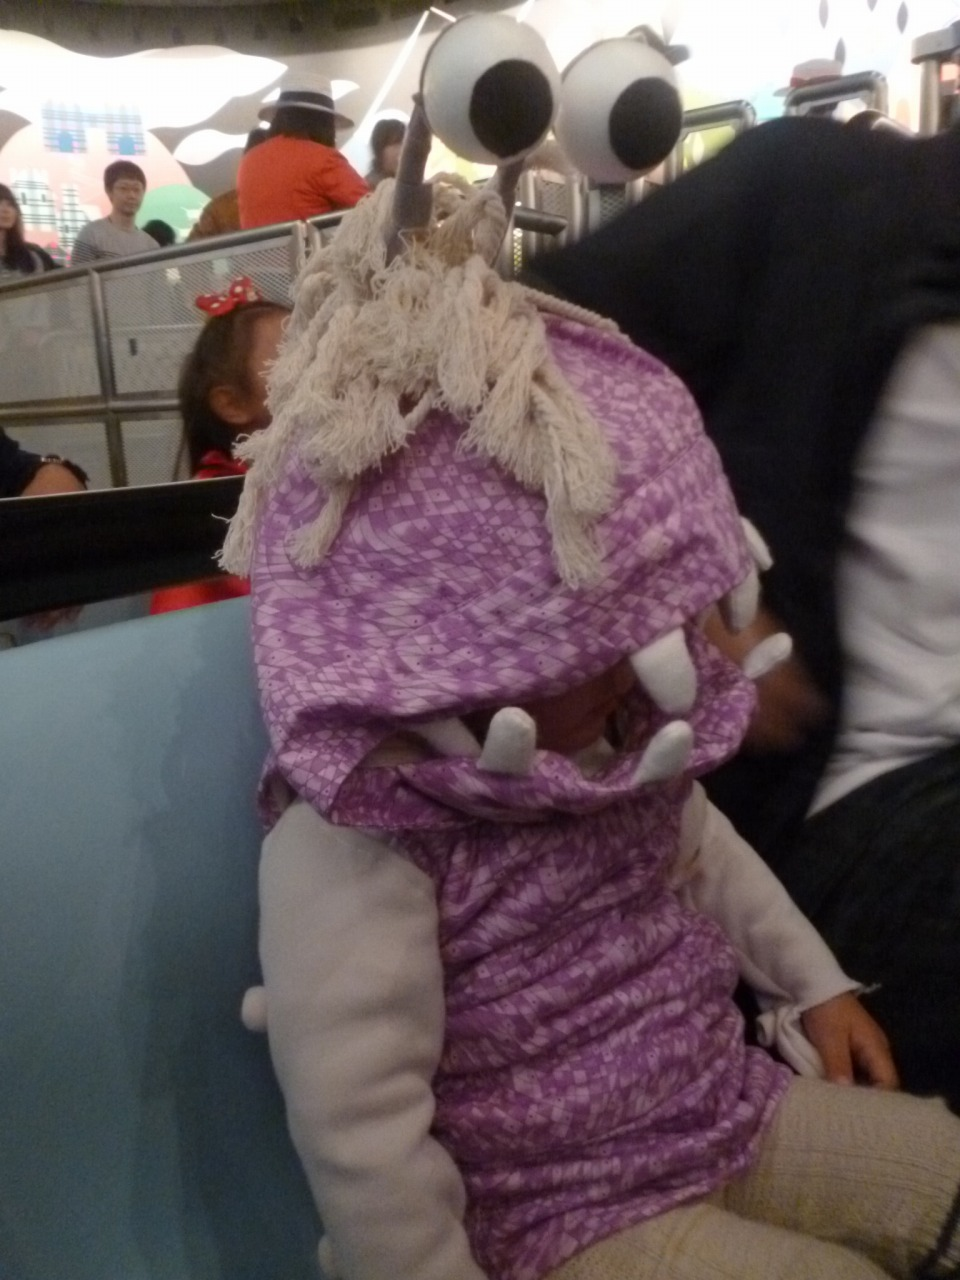 モンスターズインク ブー コスプレ4 monsters inc boo costume handmade ハンドメイド 手作り